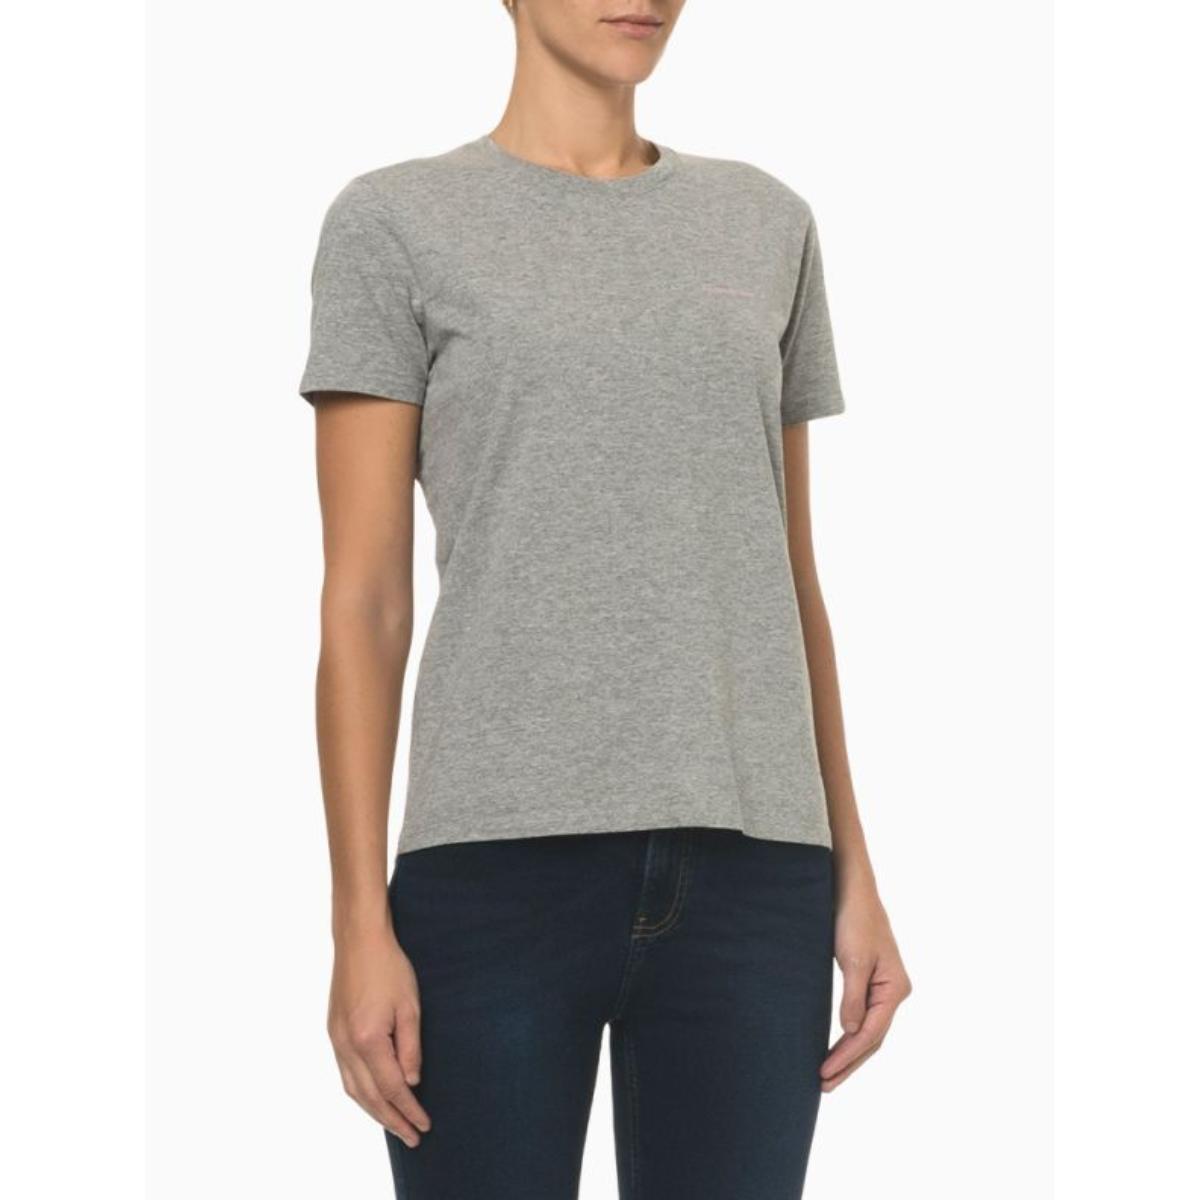 Camiseta Feminina Calvin Klein Ckjf100 Mescla